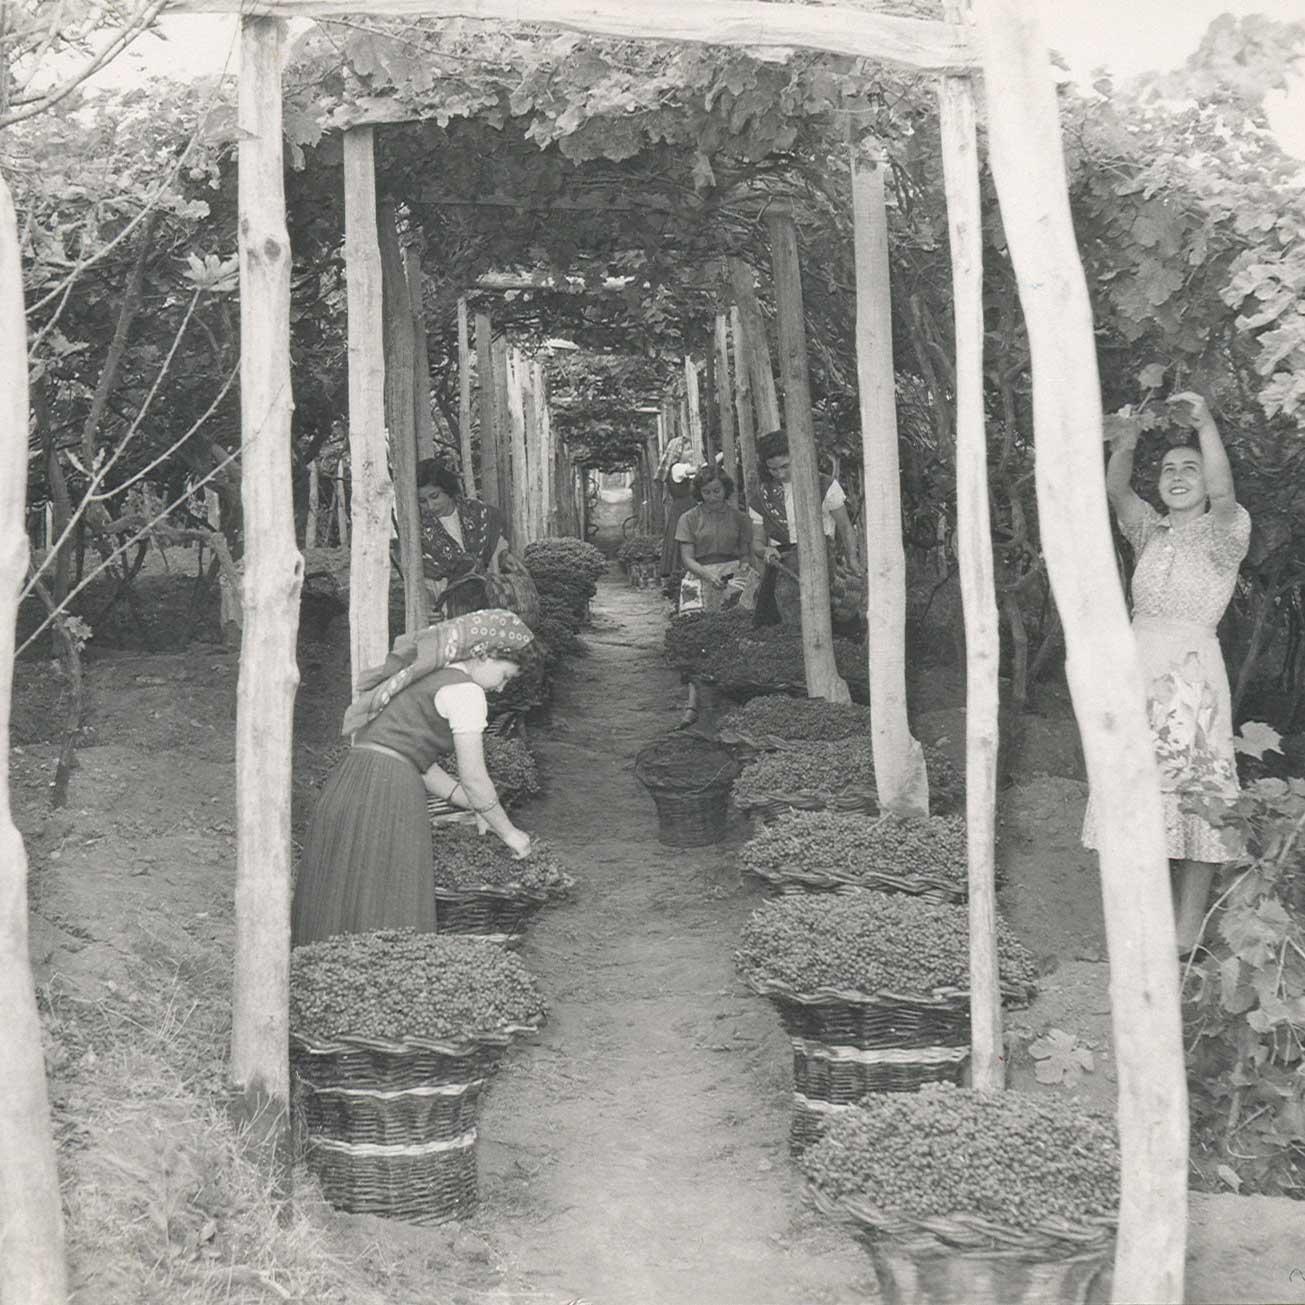 H&H Malvazia 1954